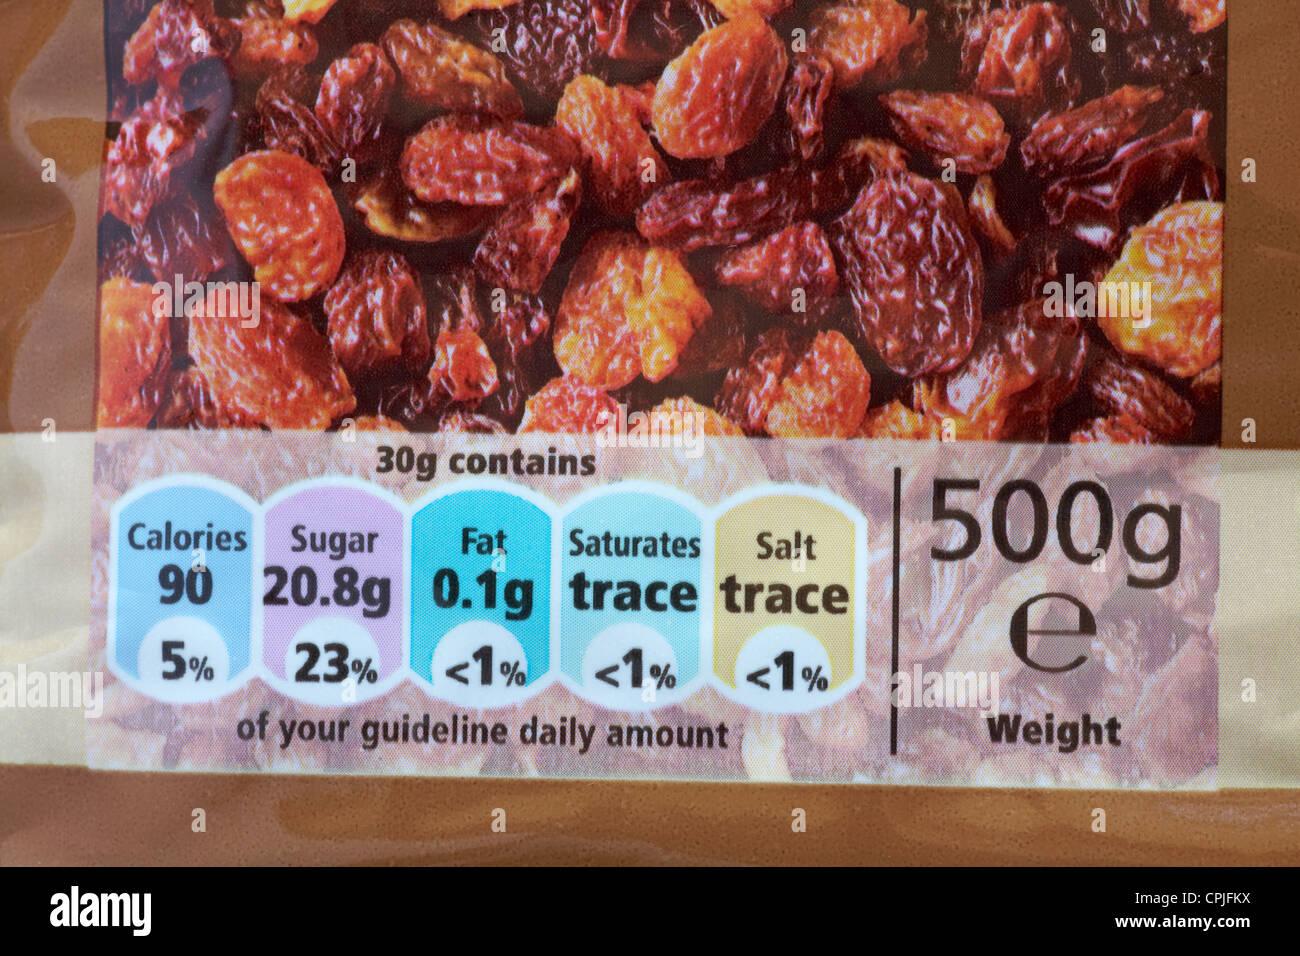 Directriz cantidad diaria gda información nutricional sobre paquete de sultaninas Imagen De Stock